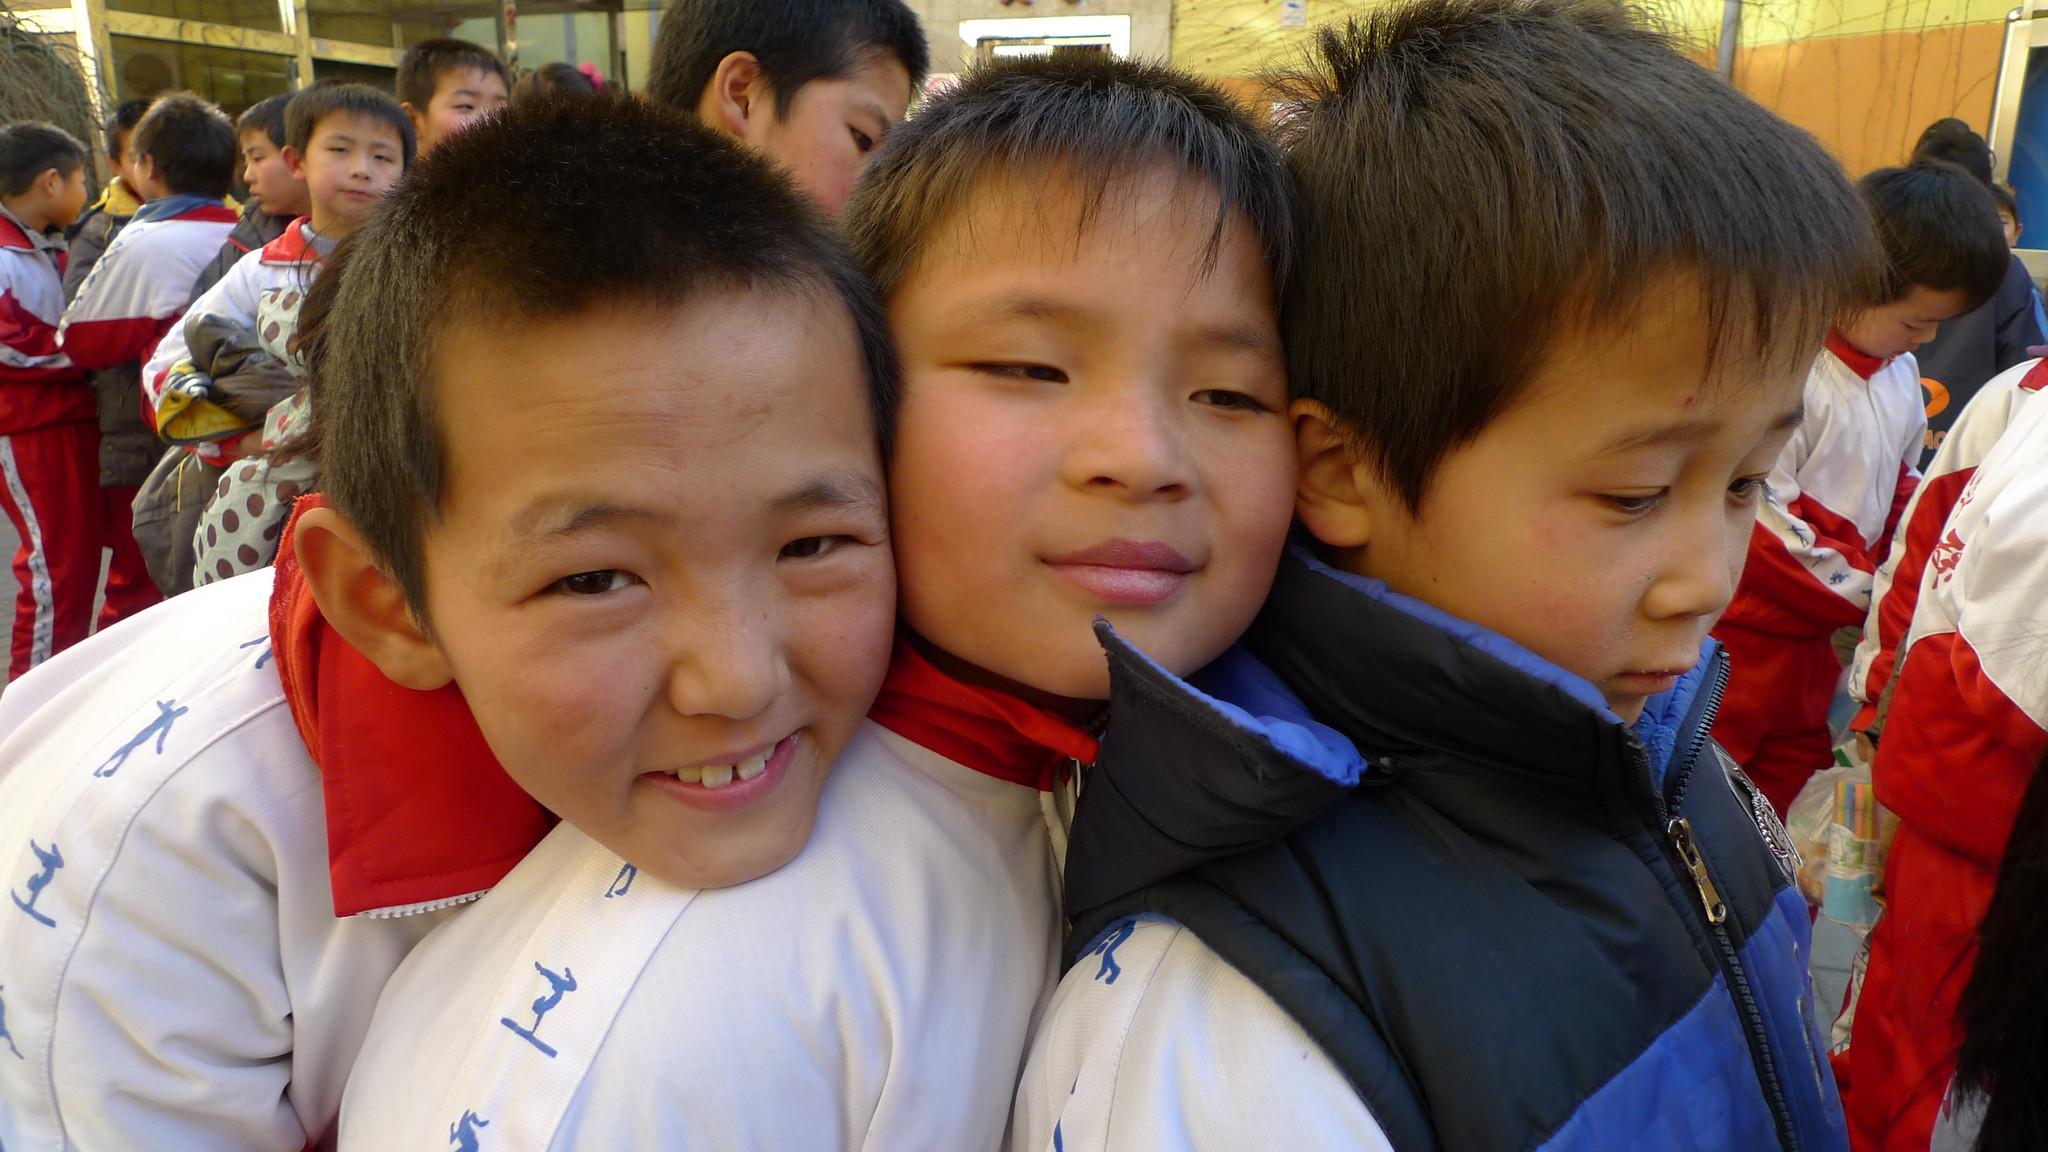 參與校外音樂活動的孩子們等待活動開始。